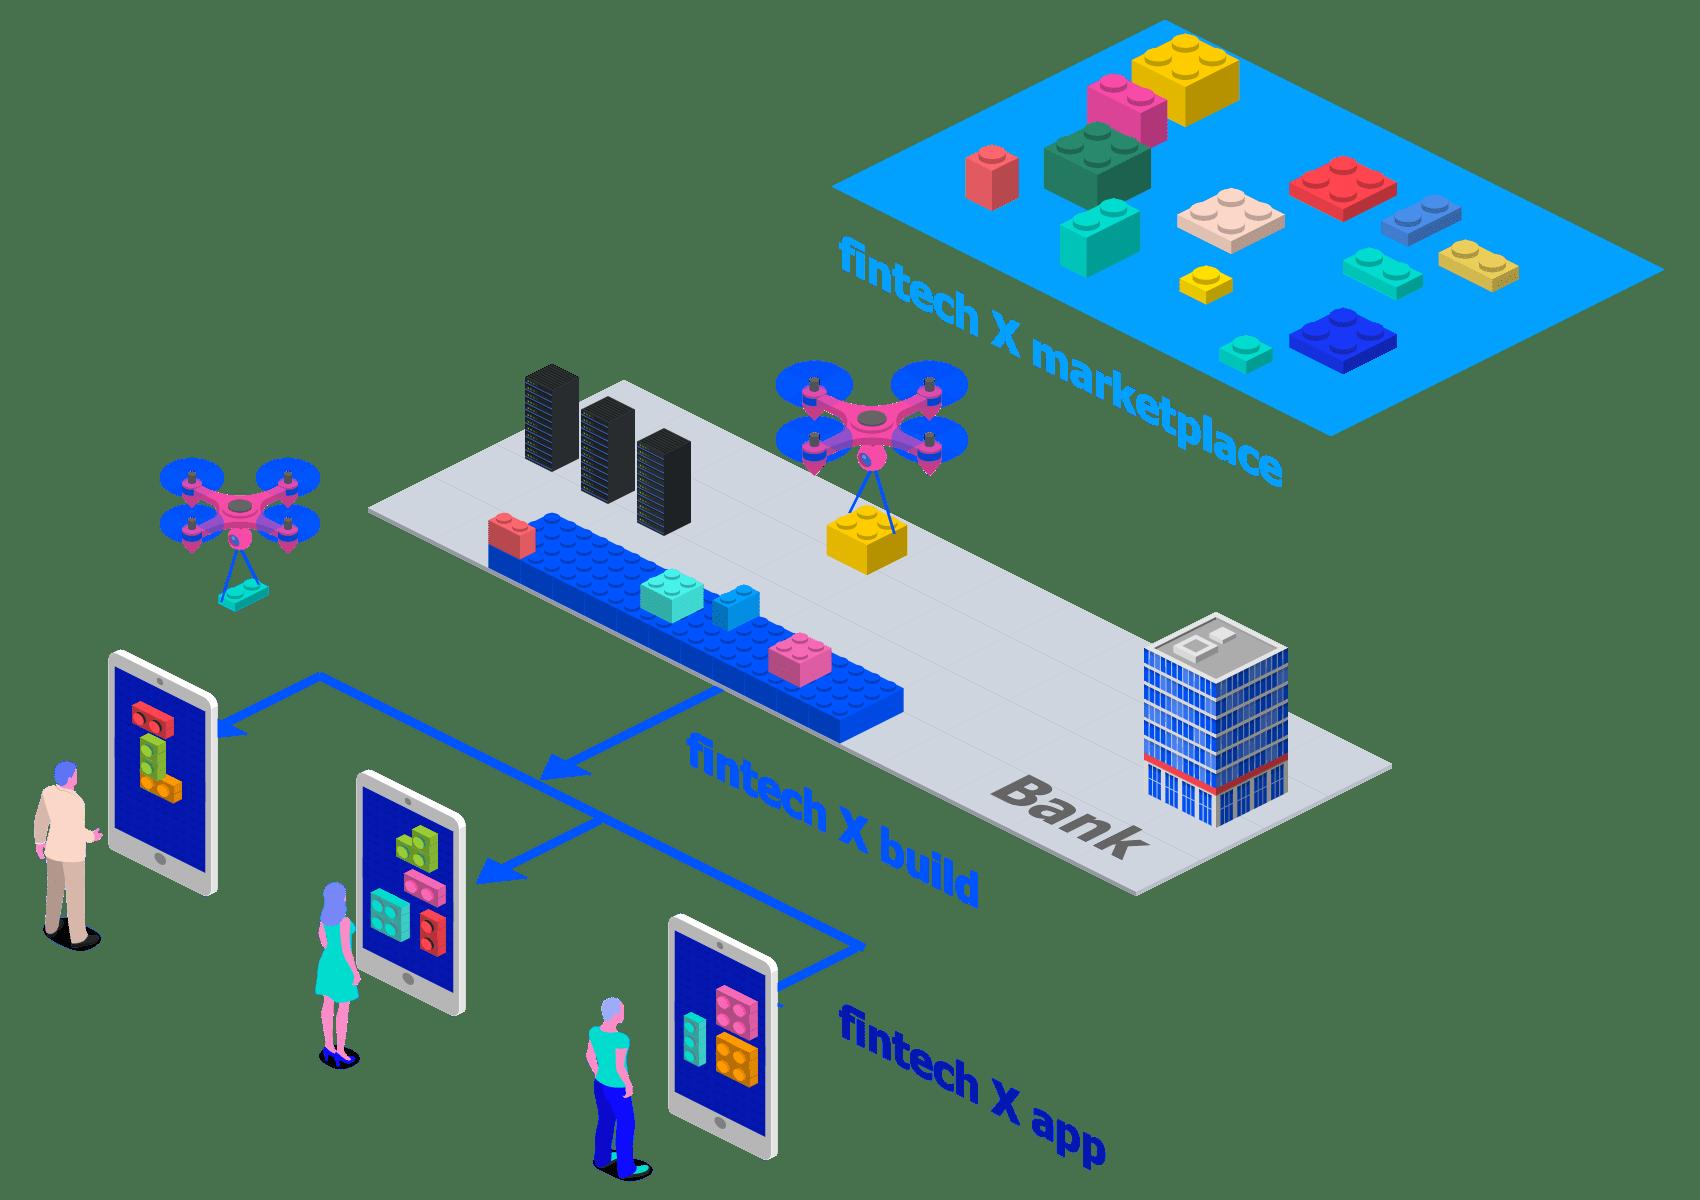 fintech x app + build + marketplace - vision-min